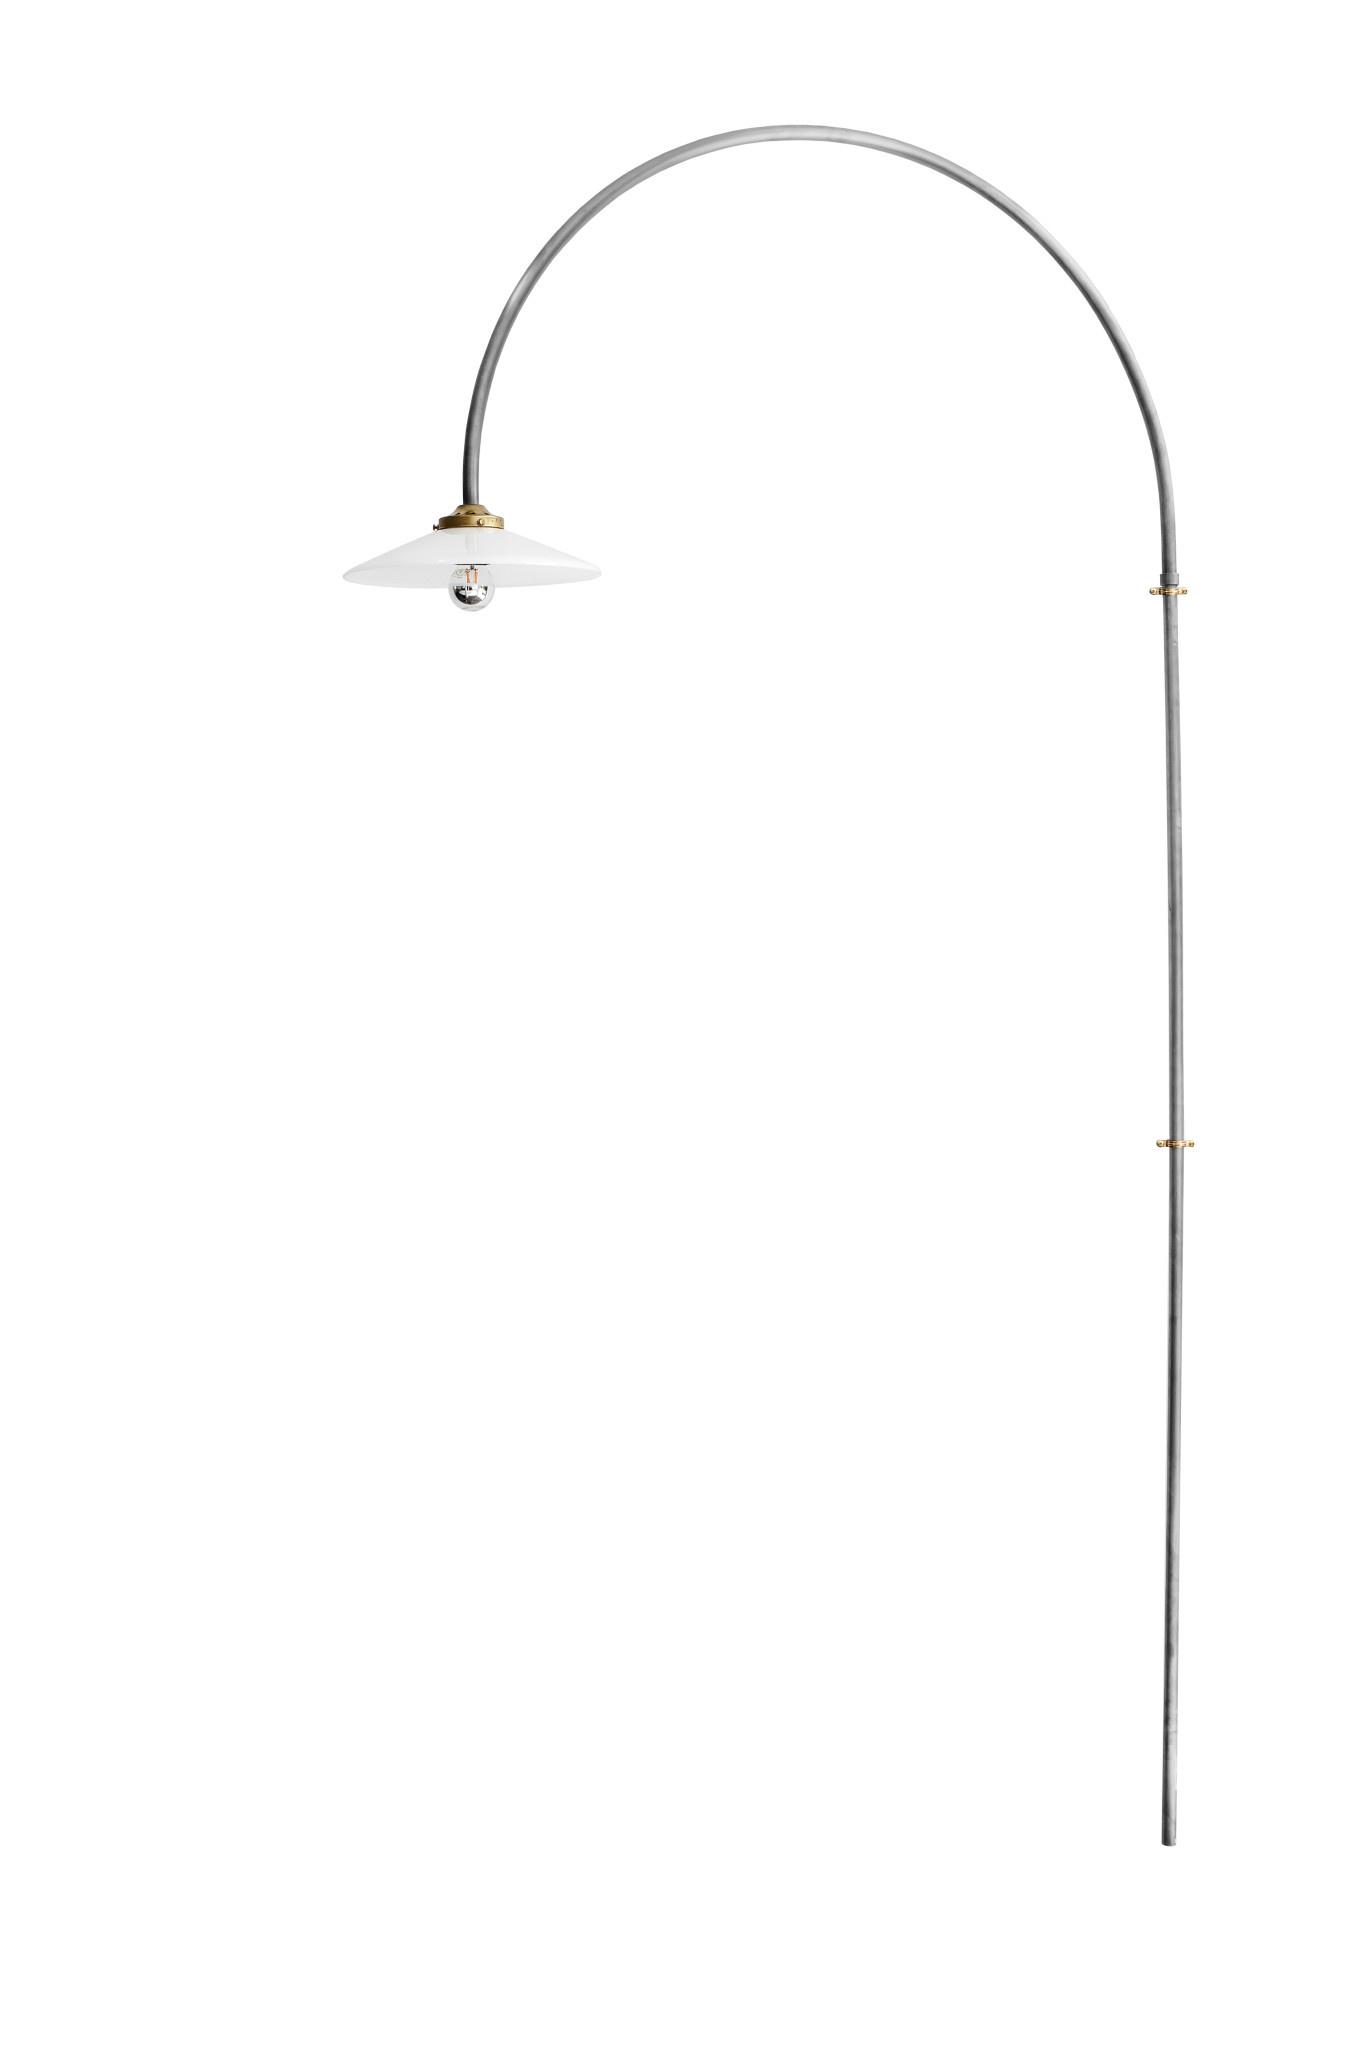 Hanging Lamp No. 2-4